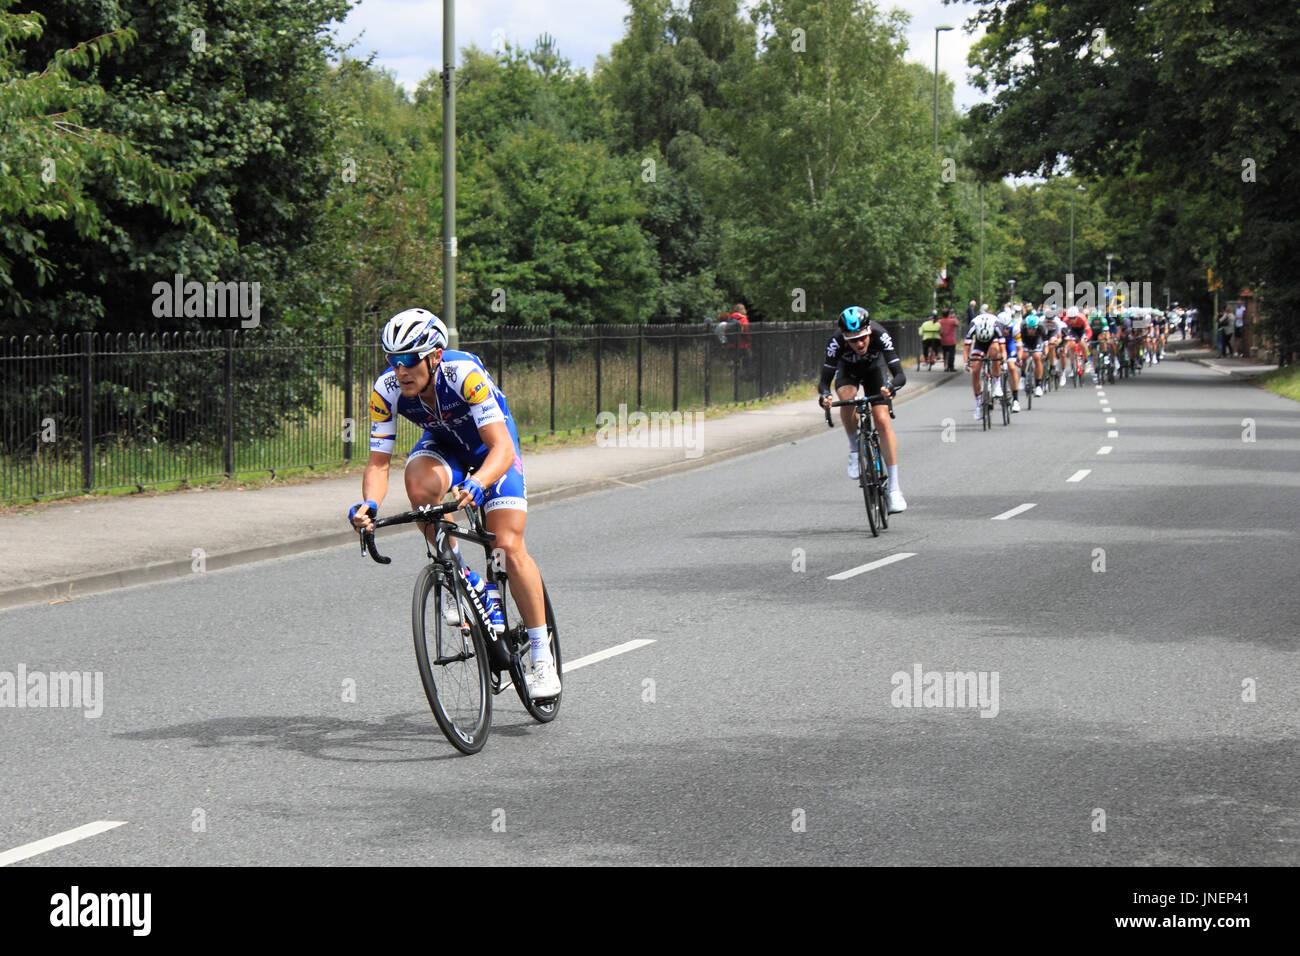 Matteo Trentin (Quick-Step Böden, Sprints Gewinner) und Teo Georghan Hart (Team Sky). RideLondon-Surrey Klassiker. Hurst Road, East Molesey, Surrey, UK. 30. Juli 2017. UCI World Tour klassifiziert, Tages-140km Straßenlauf Start und Ziel im Zentrum von London. Die Route basiert auf den Kurs für die Olympischen Spiele 2012 verwendet und nimmt dem Fahrer aus London in Surrey Hills. Bildnachweis: Ian Flasche/Alamy Live-Nachrichten Stockbild